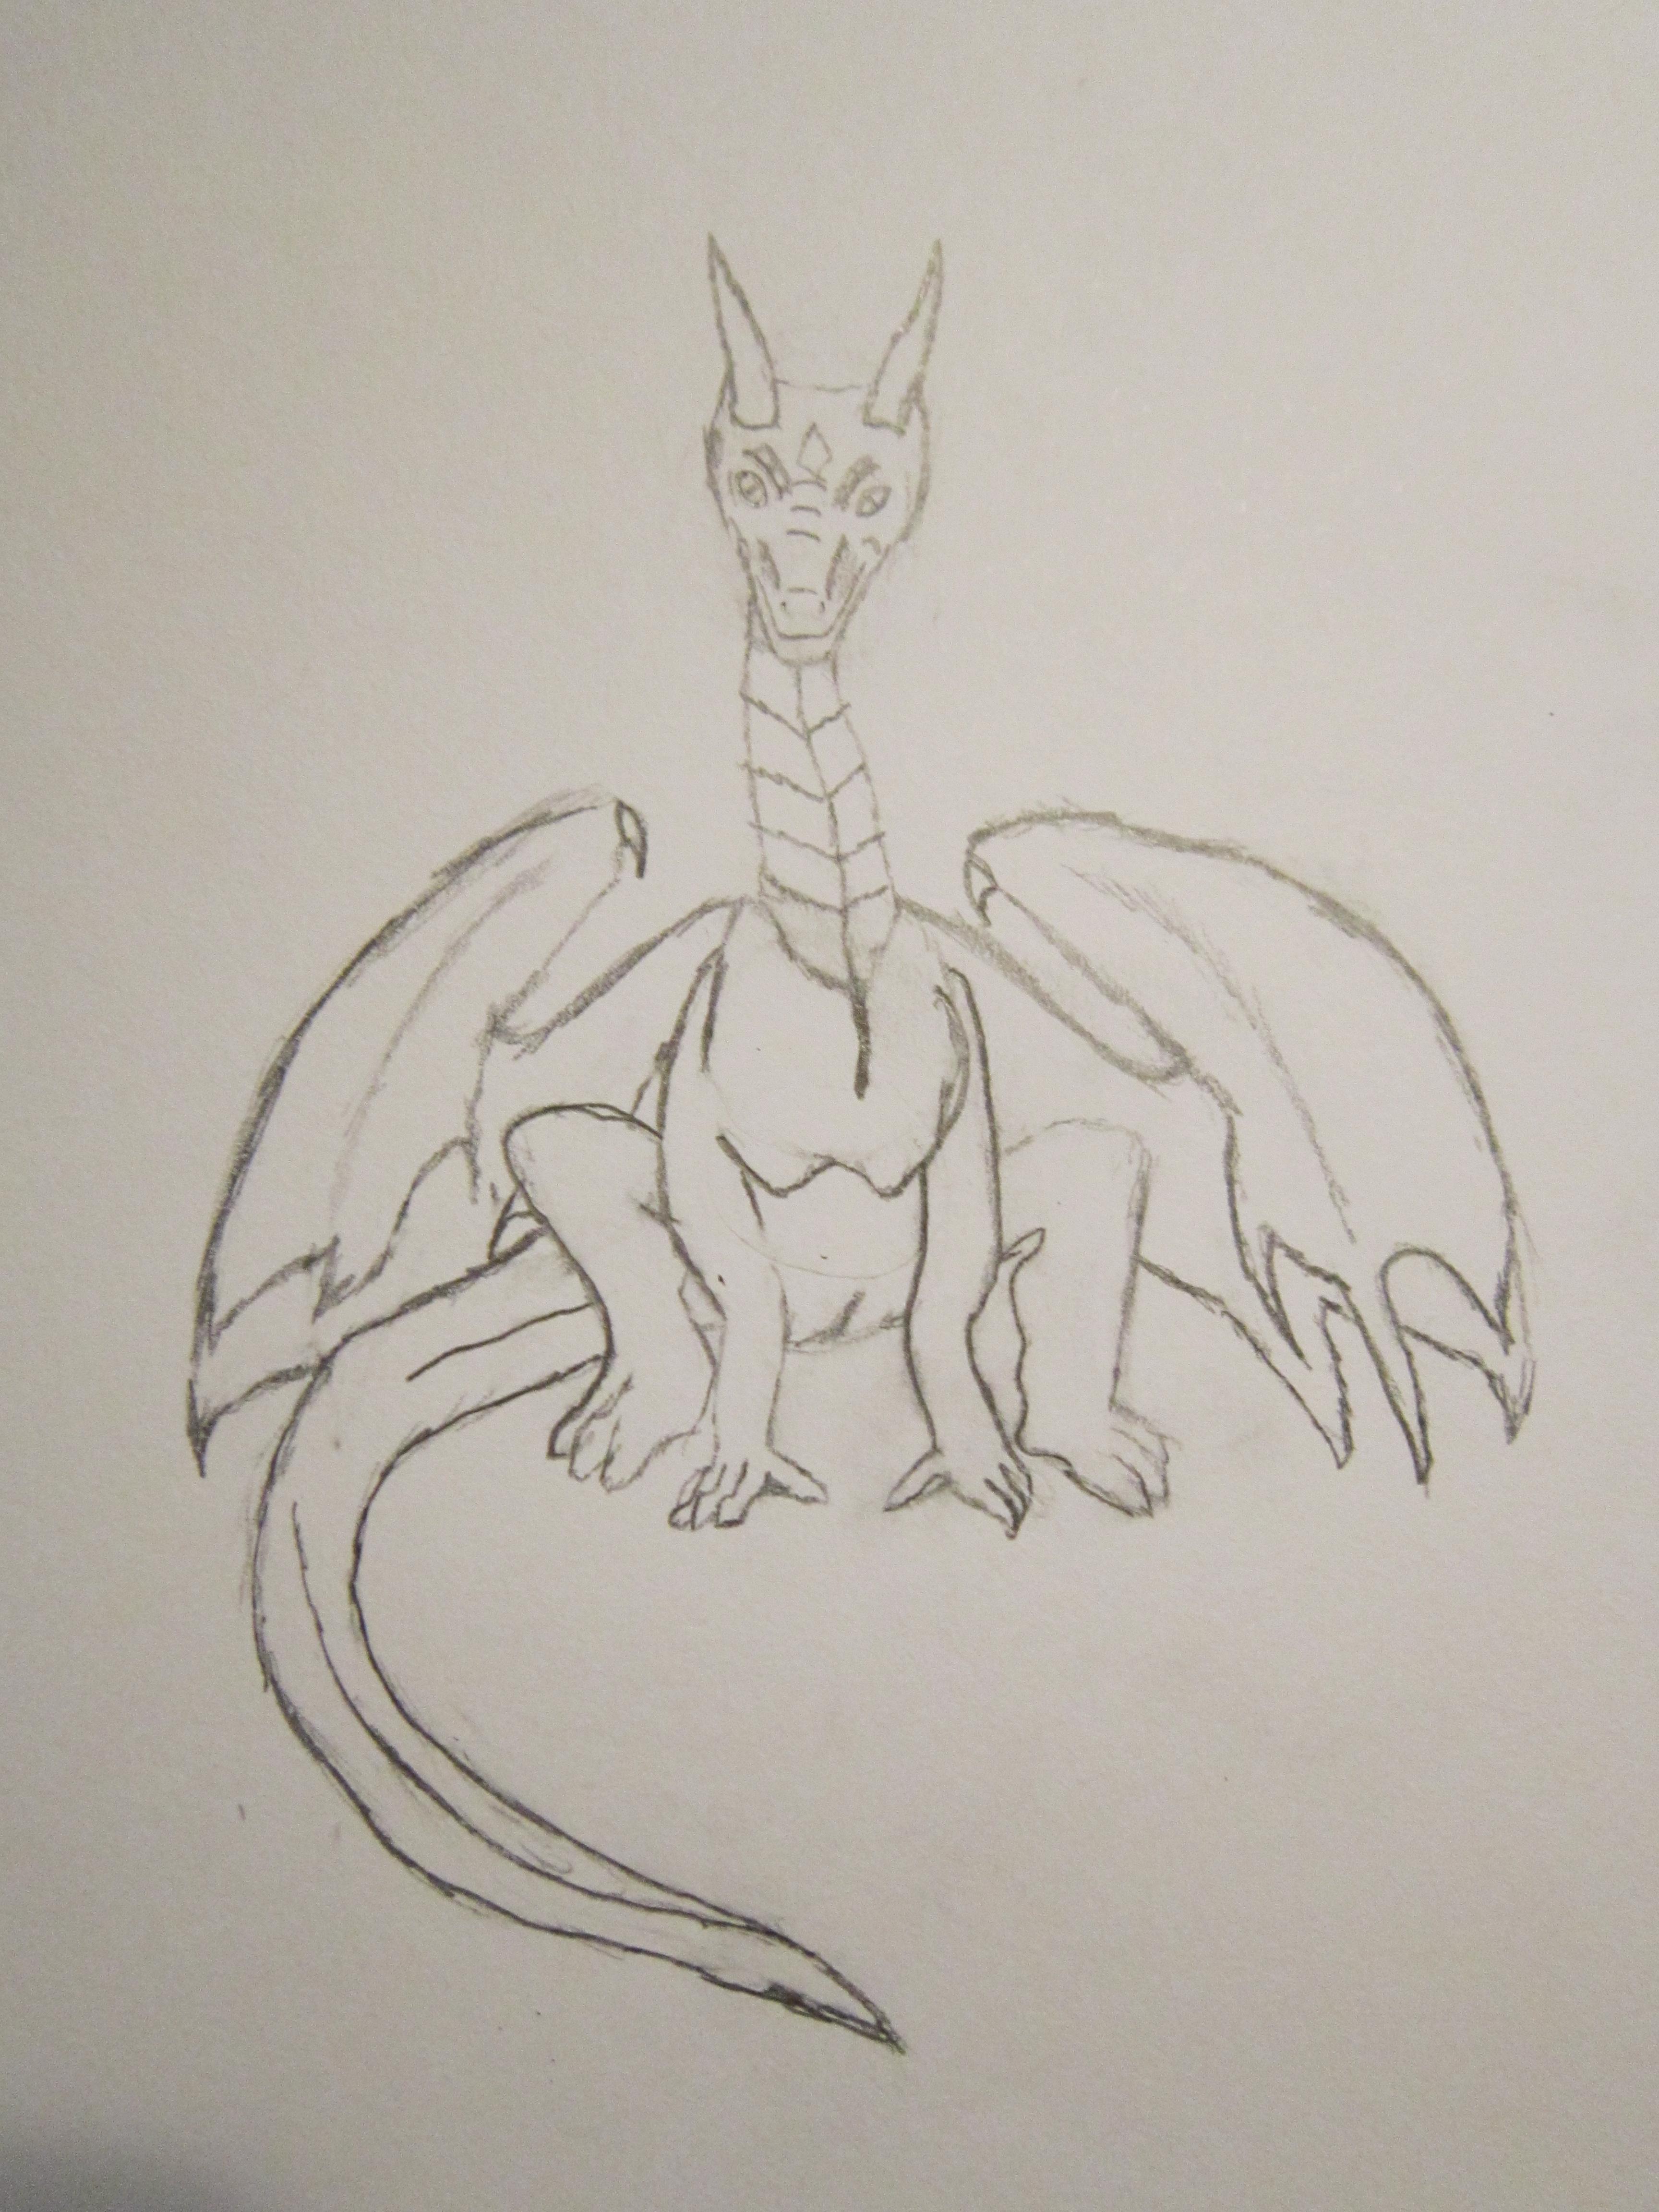 sitting Dragon by Rapt3rX